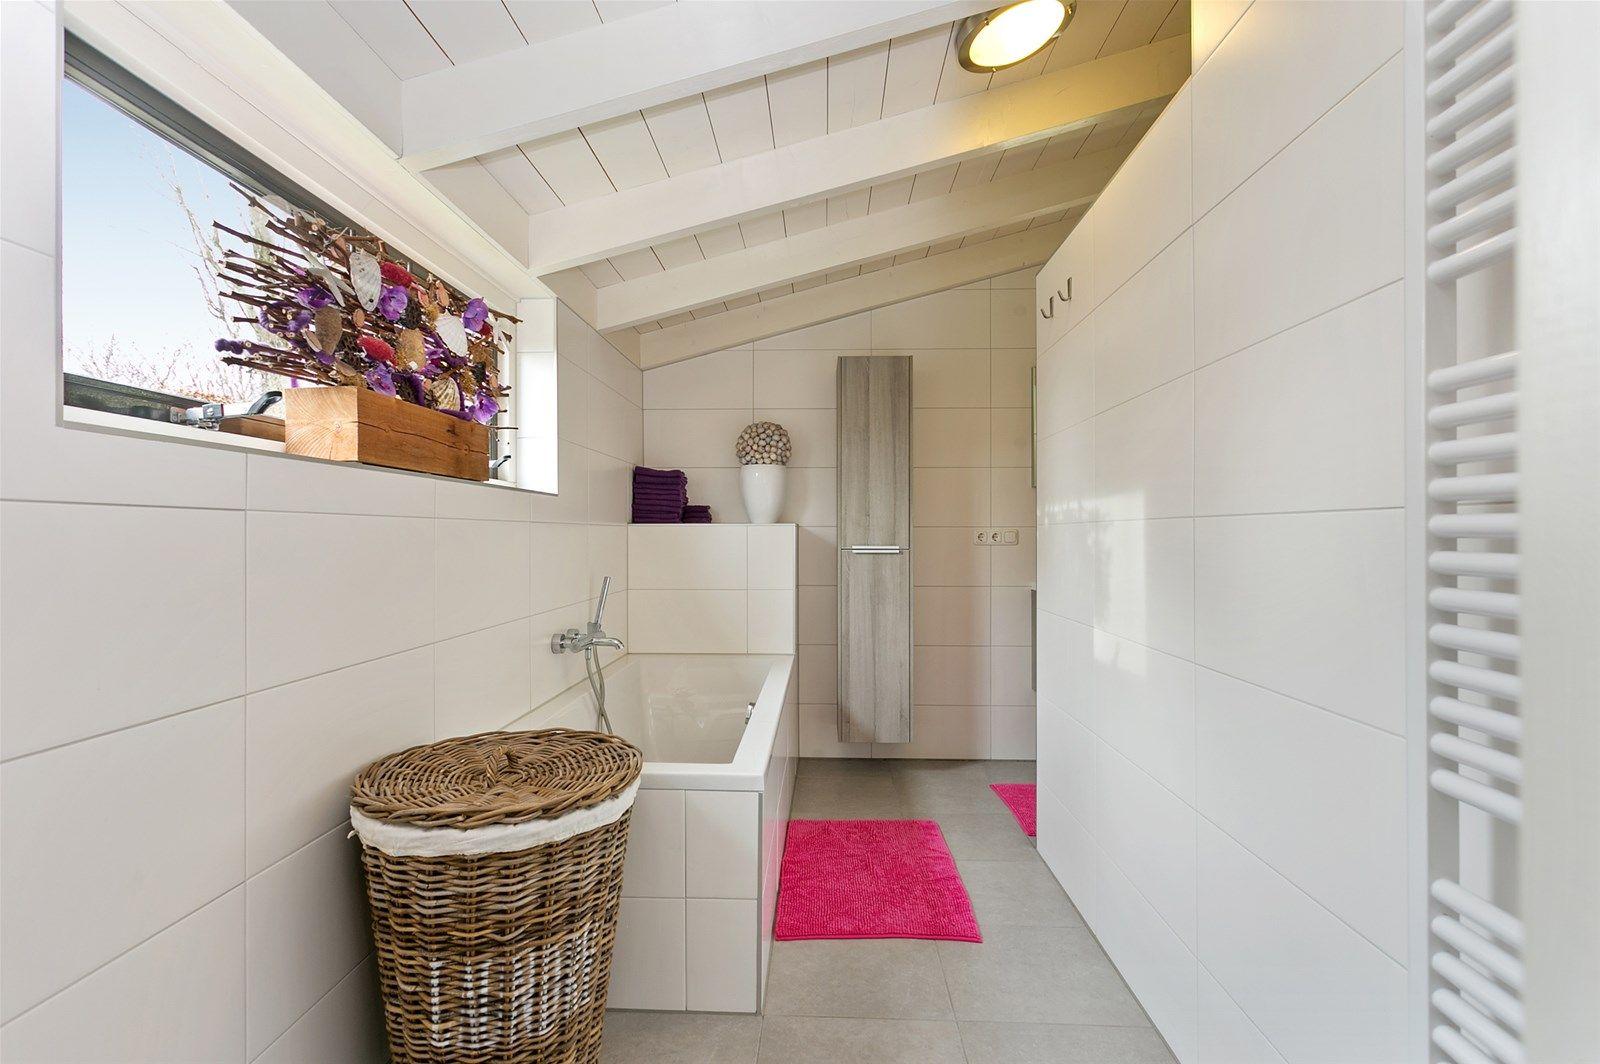 Deze karaktervolle vrijstaande woning met vrijstaande schuur, tweetal opritten en multifunctionele ruimte welke nu is ingericht als showroom, ligt op een fraaie landelijke locatie nabij de bossen en het dorp. De woning is keurig afgewerkt en onder andere voorzien van een ruime woonkamer, een royale leefkeuken met kookeiland, een badkamer op de begane grond en een showroom met vide welke voor vele doeleinden geschikt is. De eerste verdieping is voorzien van drie slaapkamers en een moderne badkamer. Rondom de woning is een prachtige tuin aangelegd, welke bestaat uit een gazon, diverse terrassen, een veranda aan huis, berging, borders met planten en bomen en een dierenweide. De achtertuin is eveneens via een tweetal opritten te bereiken.  BESTEMMINGSPLAN De locatie is gelegen in het bestemmingsplan -buitengebied 1990—partiele herziening 1994- en heeft daarin de bestemming -Agrarisch gebied-.  -De agrarische bestemming is recent uitgebreid met een zaakgebonden overgangsrecht waardoor burgerwoning op deze locatie is toegestaan. Voor meer informatie neem contact op met ons kantoor. -   BEGANE GROND Hal/garderobe met toegang tot de achter entree, woonkamer en middels een vaste trap is de eerste verdieping bereikbaar.  Afwerking- Tegelvloer met vloerverwarming, houten wanden en een houten brikken plafond.  Achter entree met toegang tot de badkamer, keuken en toiletruimte. Afwerking- Tegelvloer met vloerverwarming, deels lambrisering met daarboven stucwerk wanden en een houten balken plafond.  Toiletruimte met zwevend toilet en fonteintje. Afwerking- Tegelvloer, wandtegels en een houten balken plafond.  Een moderne, luxe badkamer met ligbad, een inloopdouche (hand– en stortdouche), wastafelmeubel en een hygrostaat (automatische afzuiger met vochtsensor). Afwerking- Tegelvloer met vloerverwarming, wandtegels en een houten balken plafond.  Moderne open woonkeuken uitgerust met o.a. een kookeiland voorzien van een eiken werkblad, spoelbak, 2-pers vaatwasser, 6-pits gaskookplaat